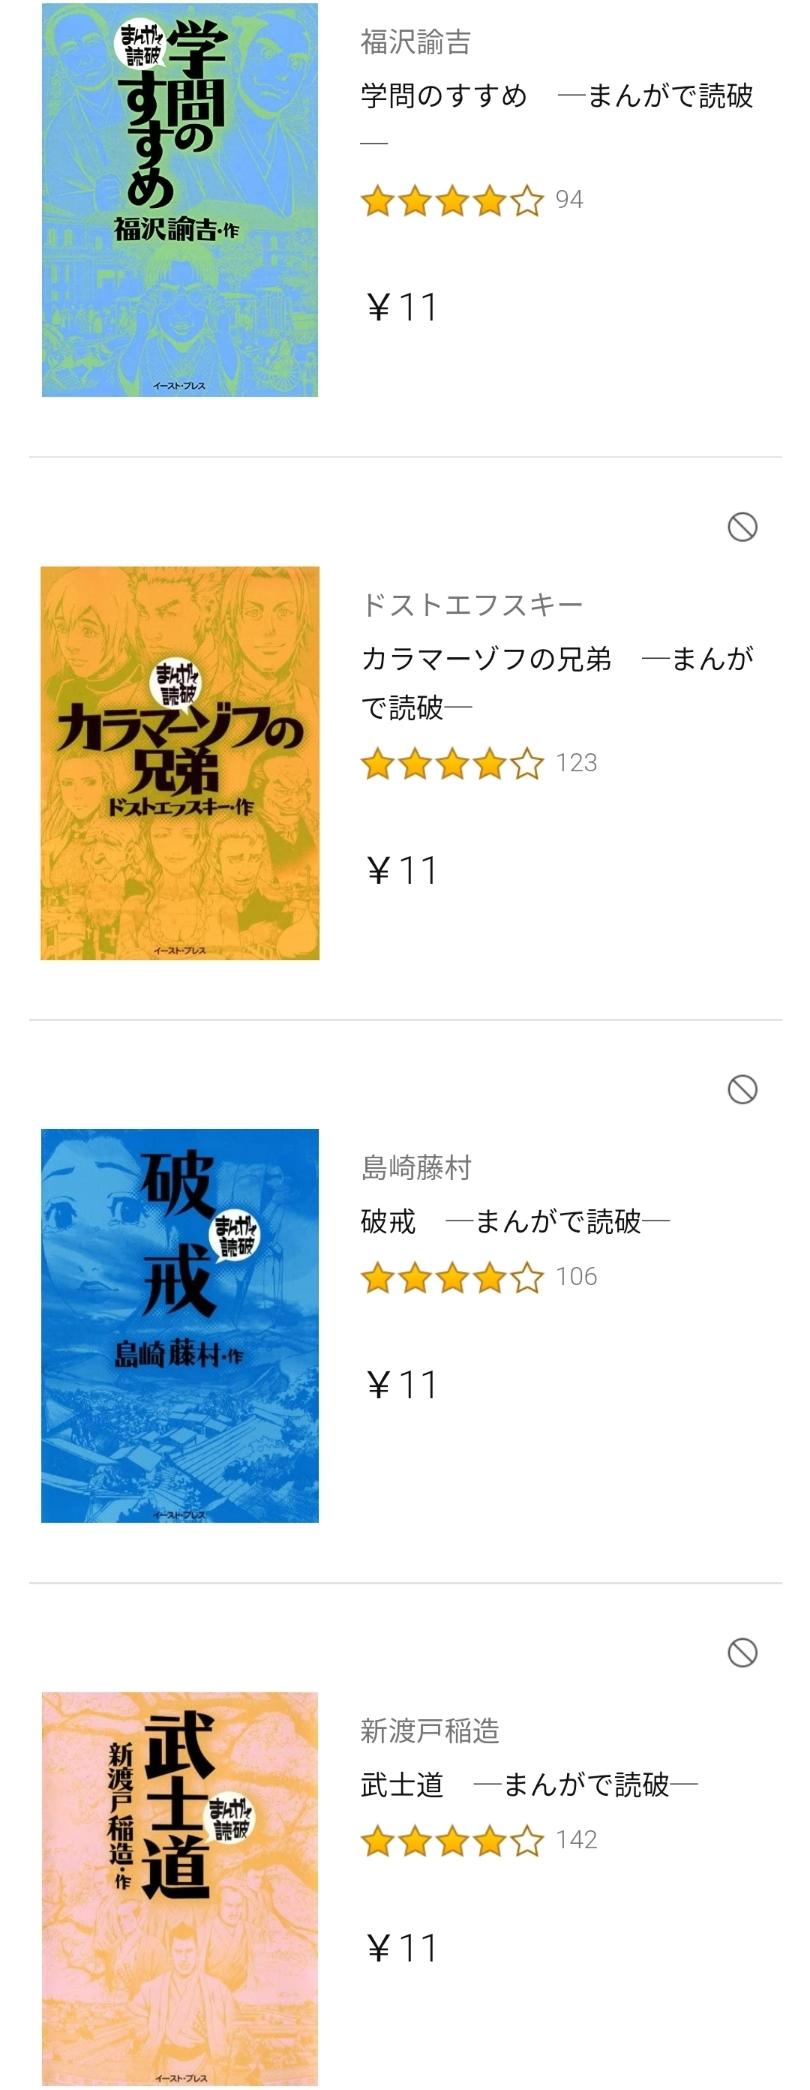 AmazonKindle「まんがで読破シリーズ」11円均一第二弾が開催中!